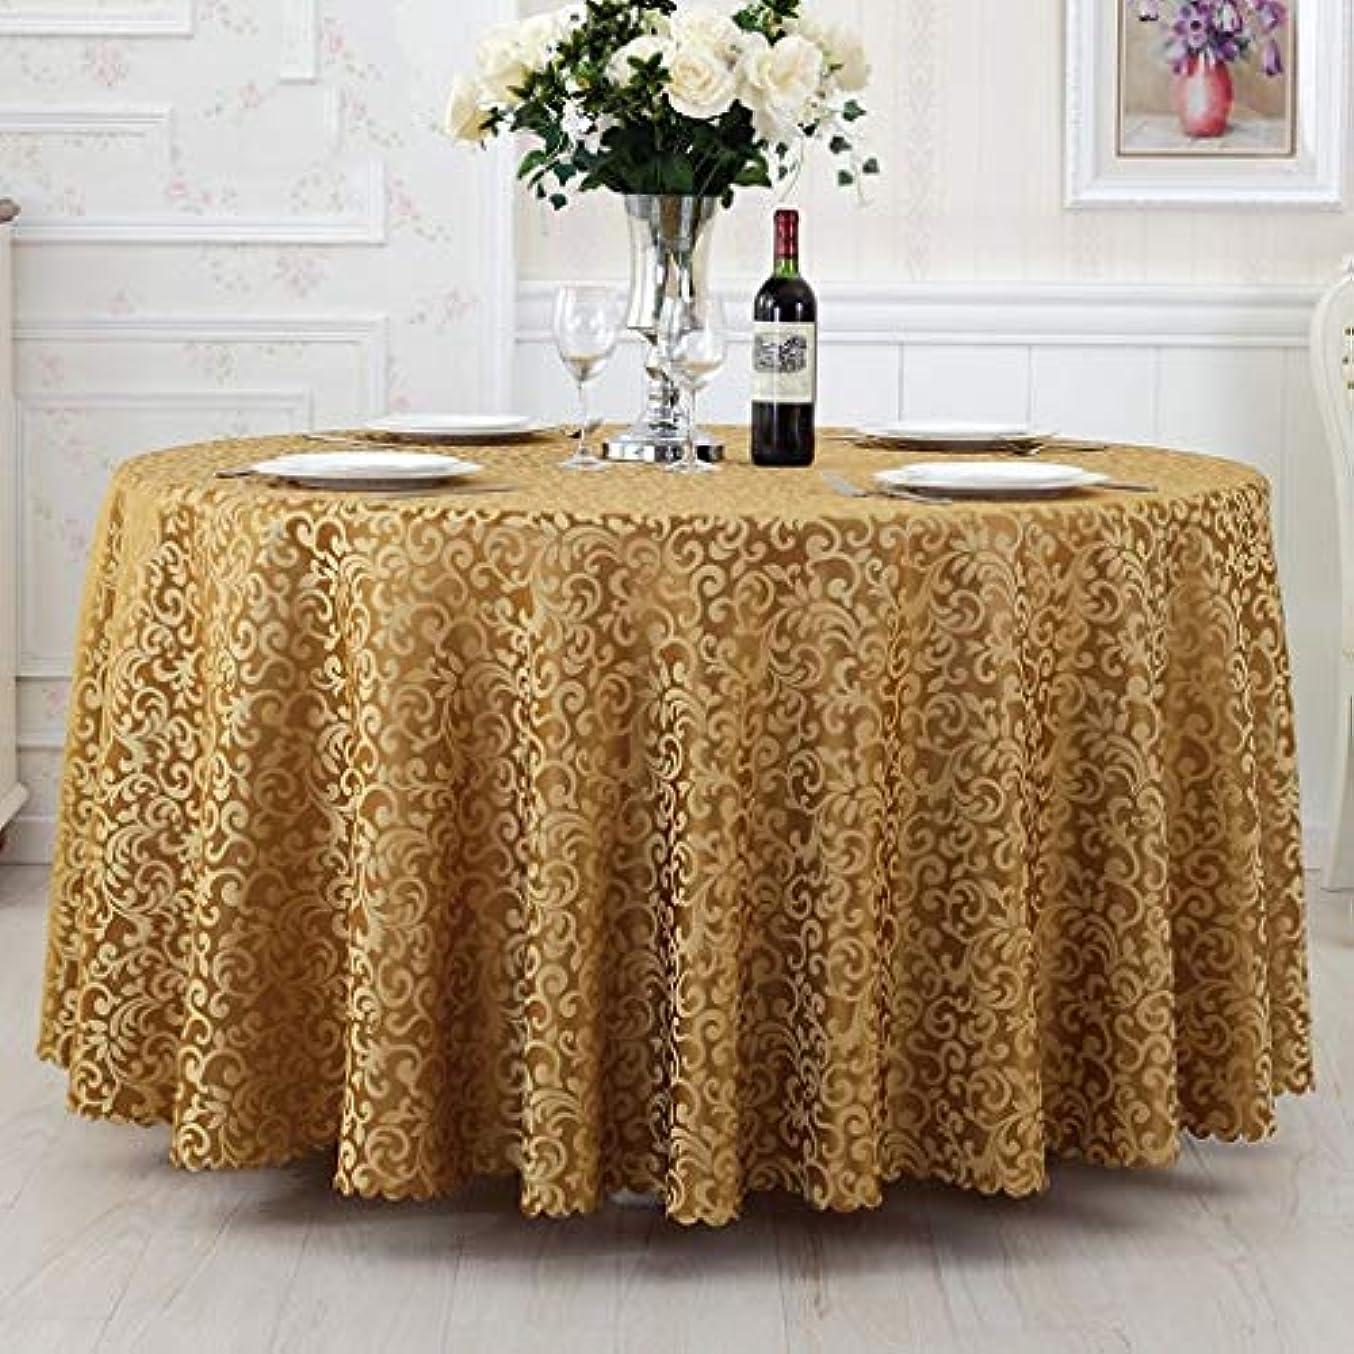 ライフル戻す墓Radviha テーブルクロスホテル布のシンプルなレストランテーブルクロスリビングルームラウンドテーブルクロス (Color : Gold, Size : Round-320cm)